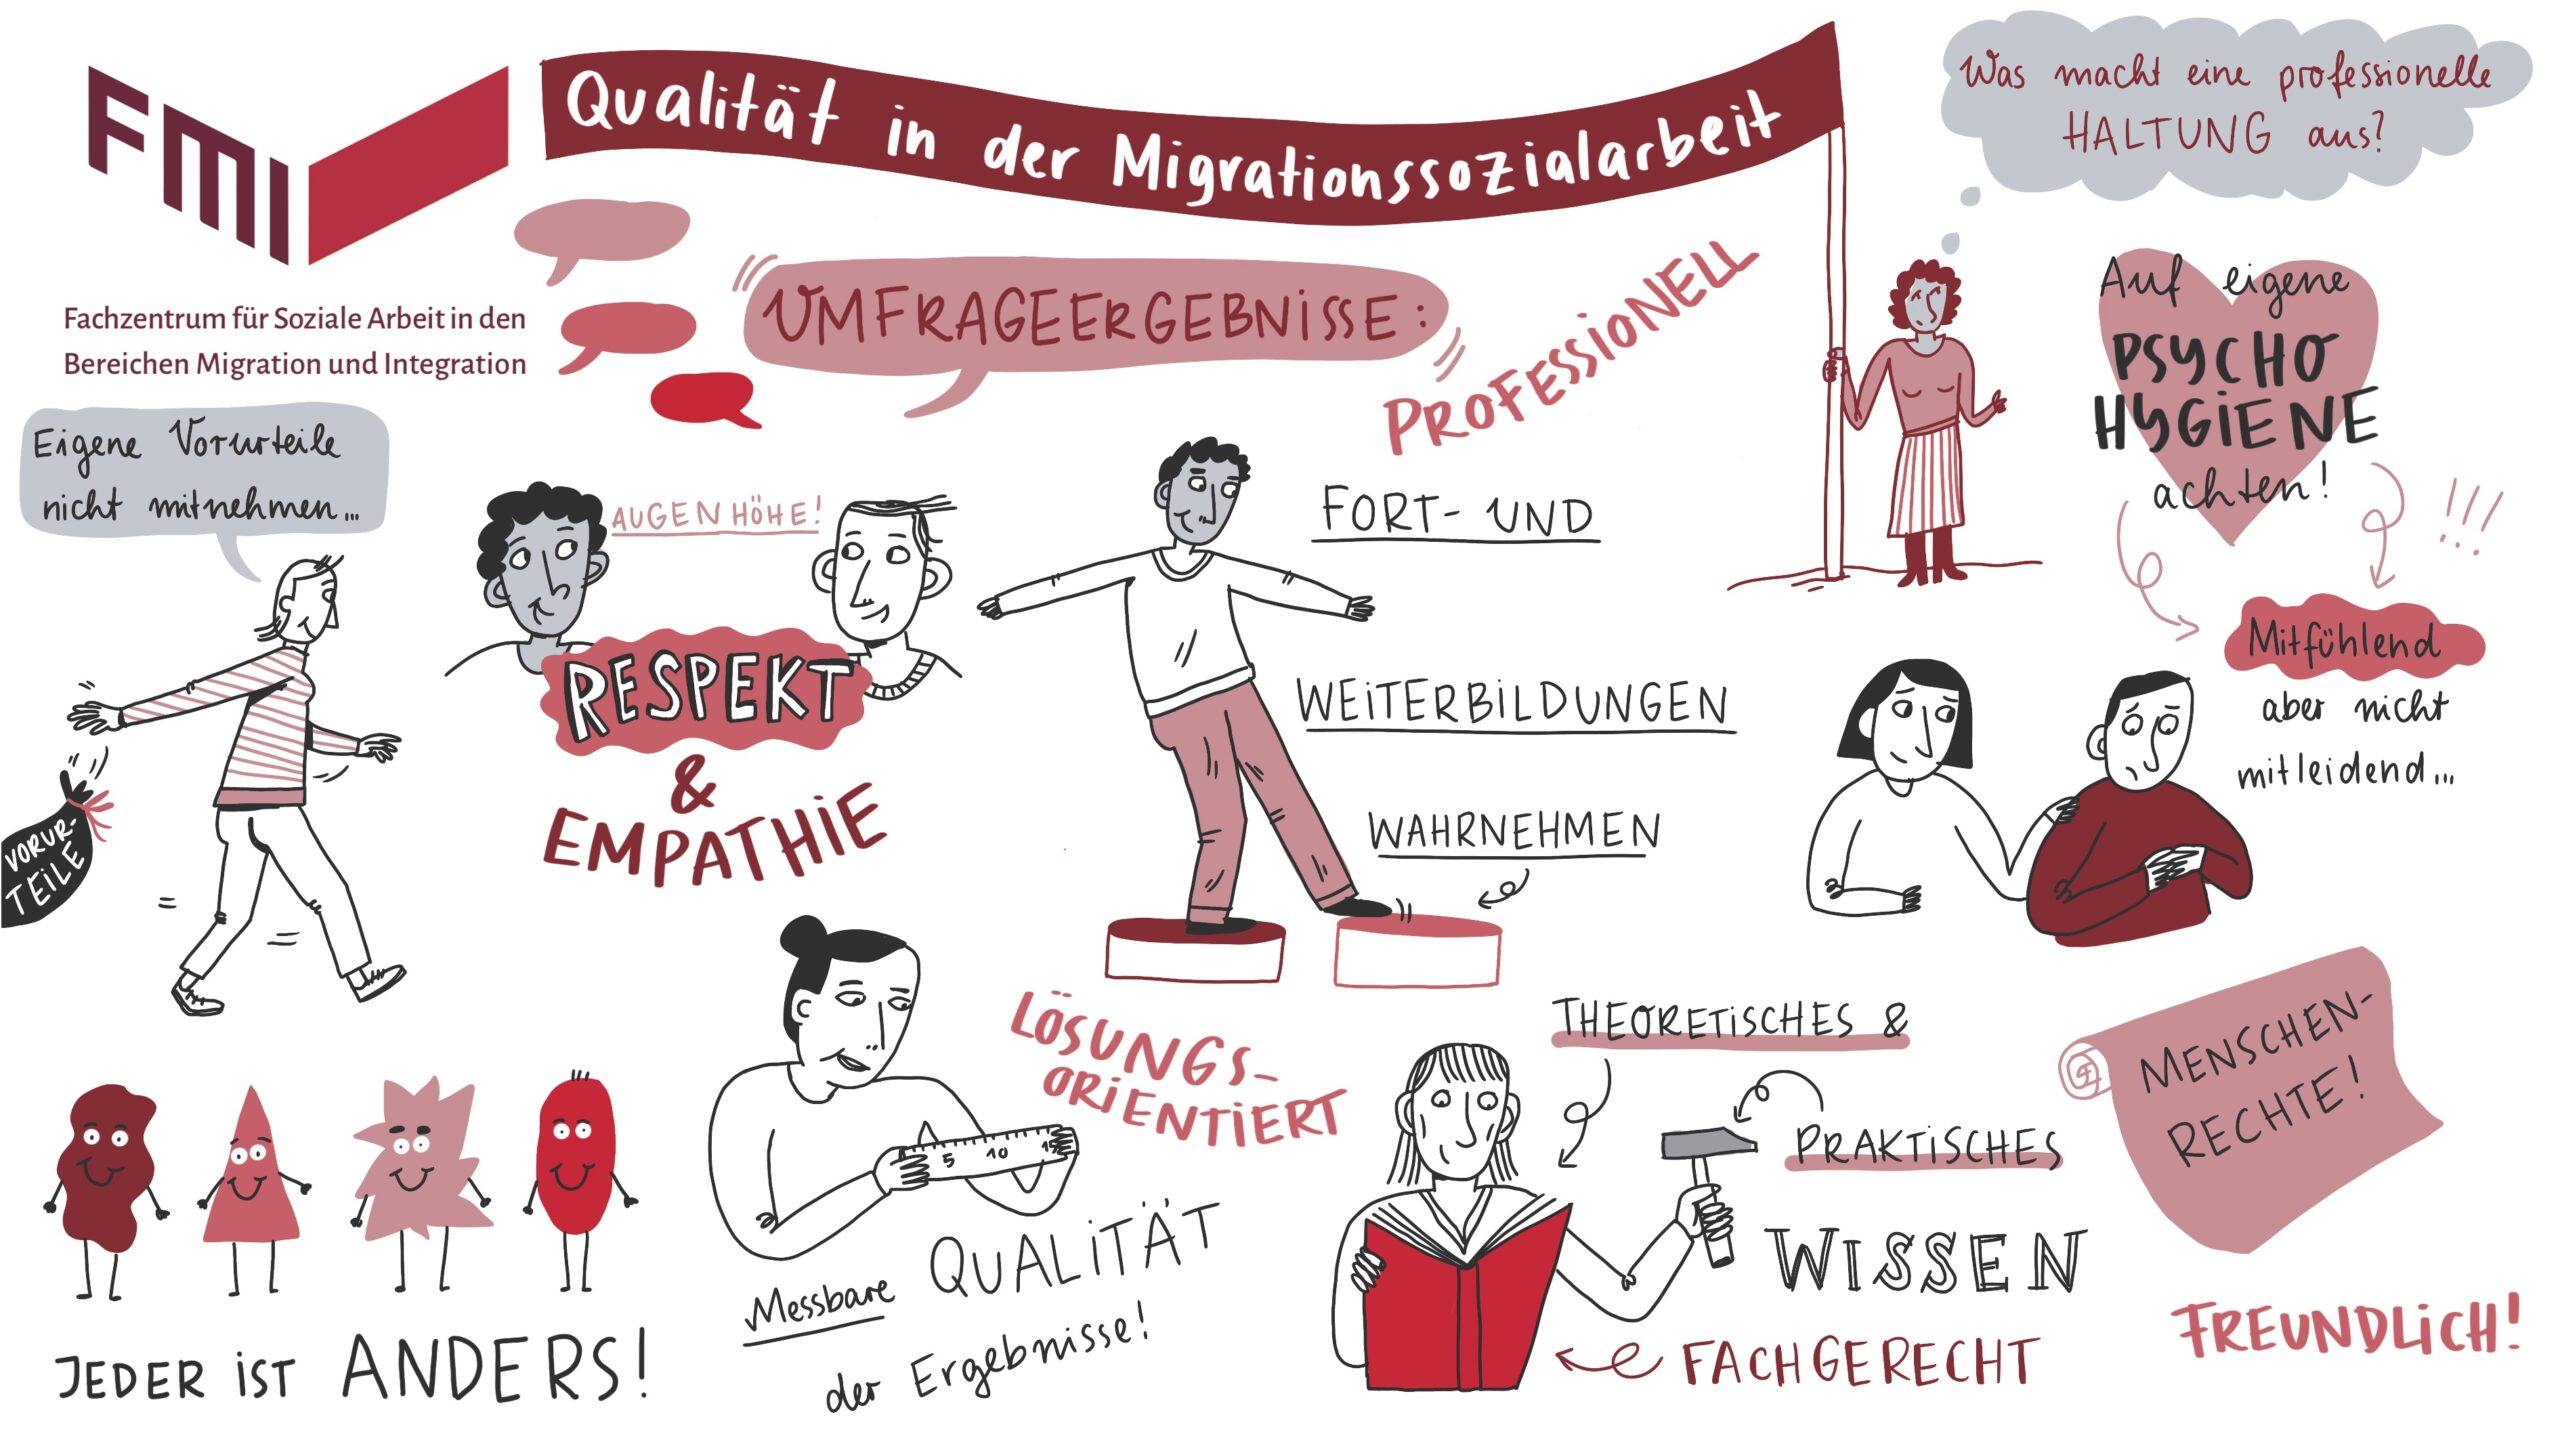 Qualität in der Migrationssozialarbeit – Eine Frage der Haltung?